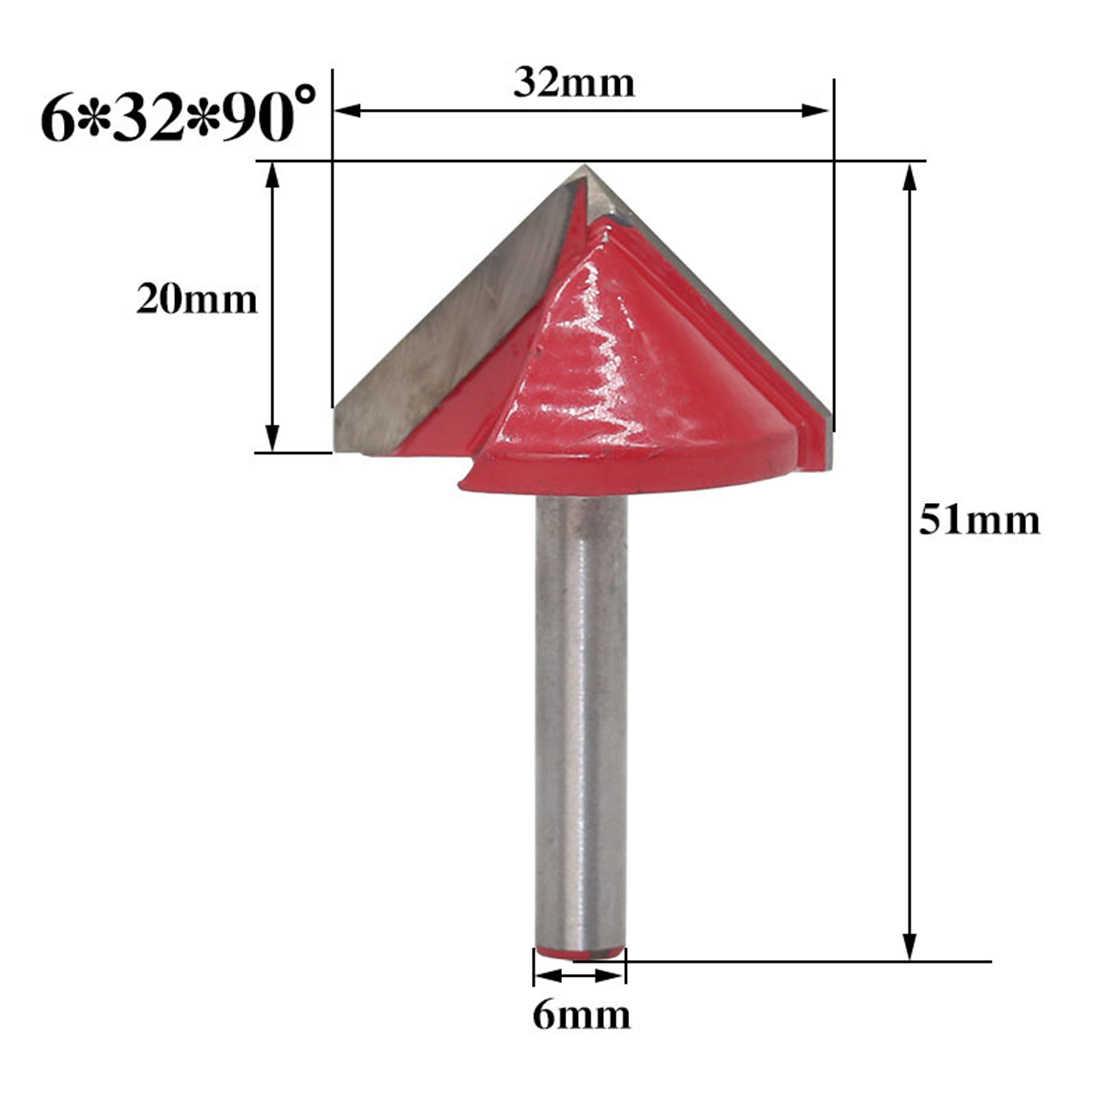 60/90/120/150 度彫刻 V 溝ビット超硬合金 Cnc ルータ彫刻木工ツールフライスカッター機 Acce